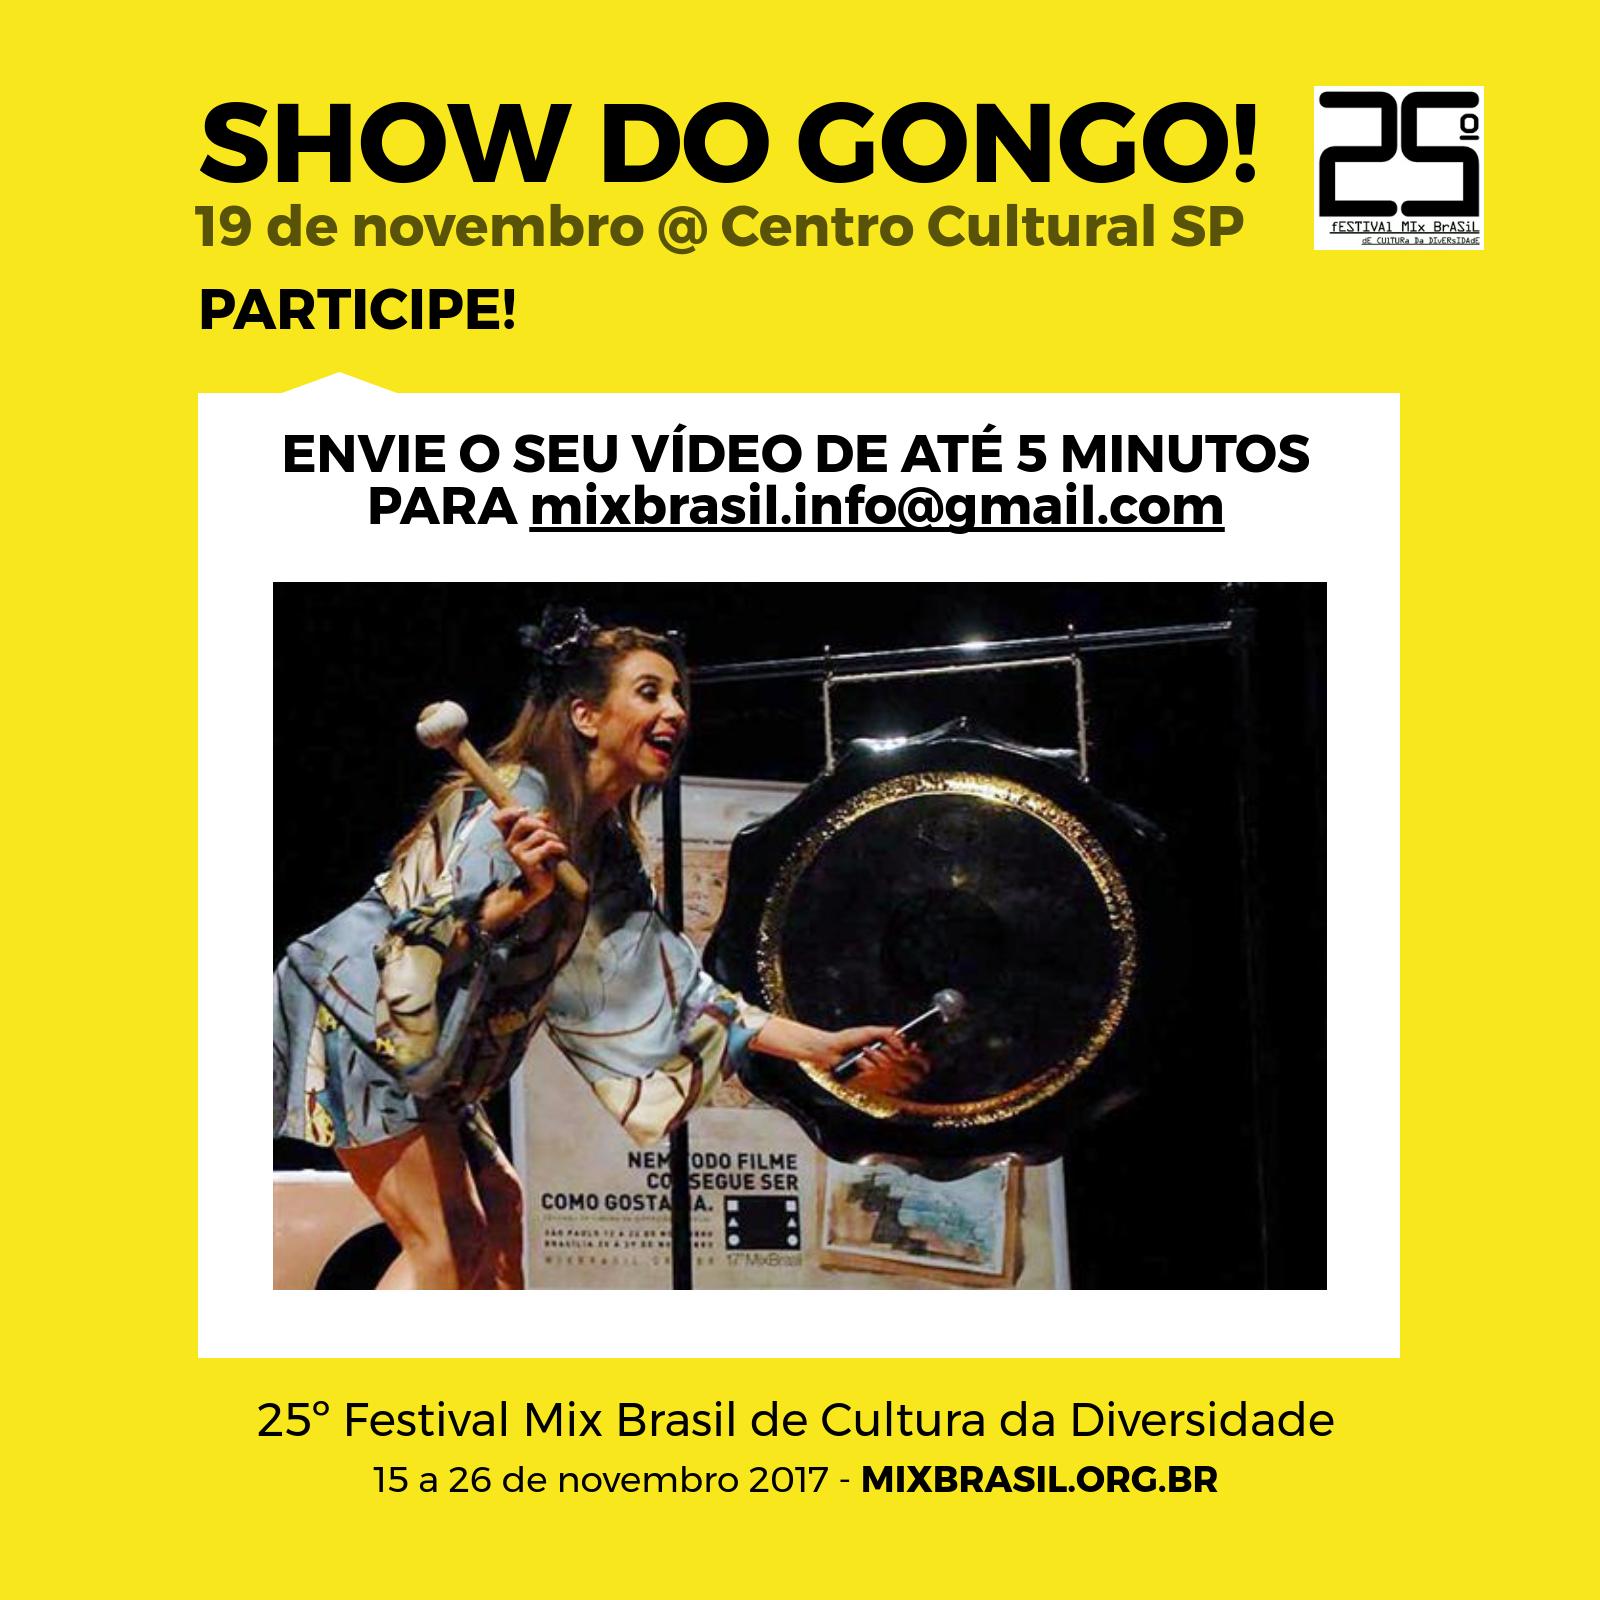 Show do Gongo